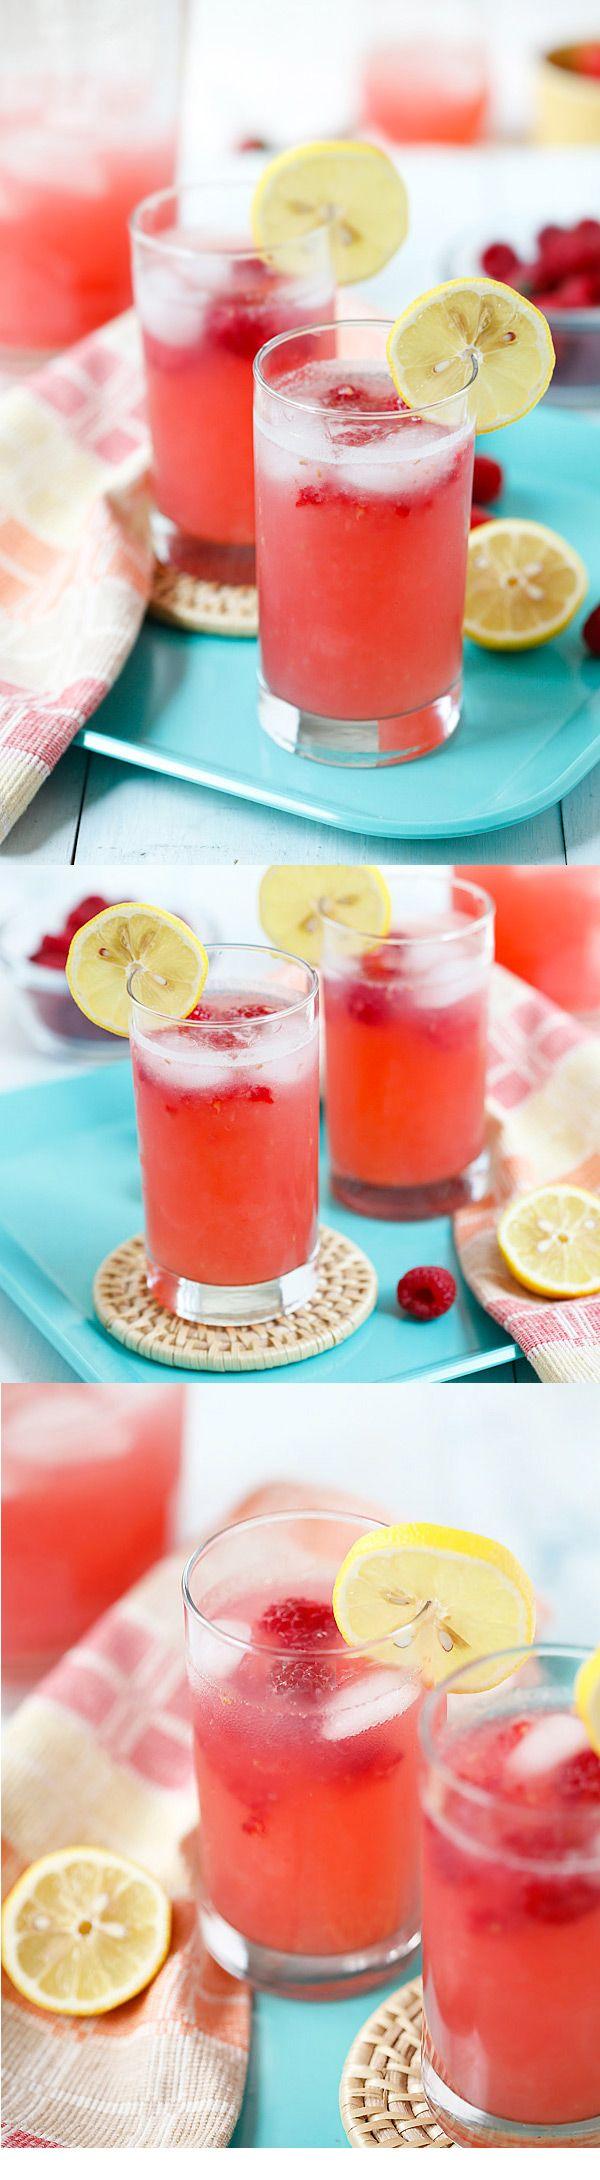 Raspberry Lemonade - sweet, refreshing and thirst-quenching lemonade ...